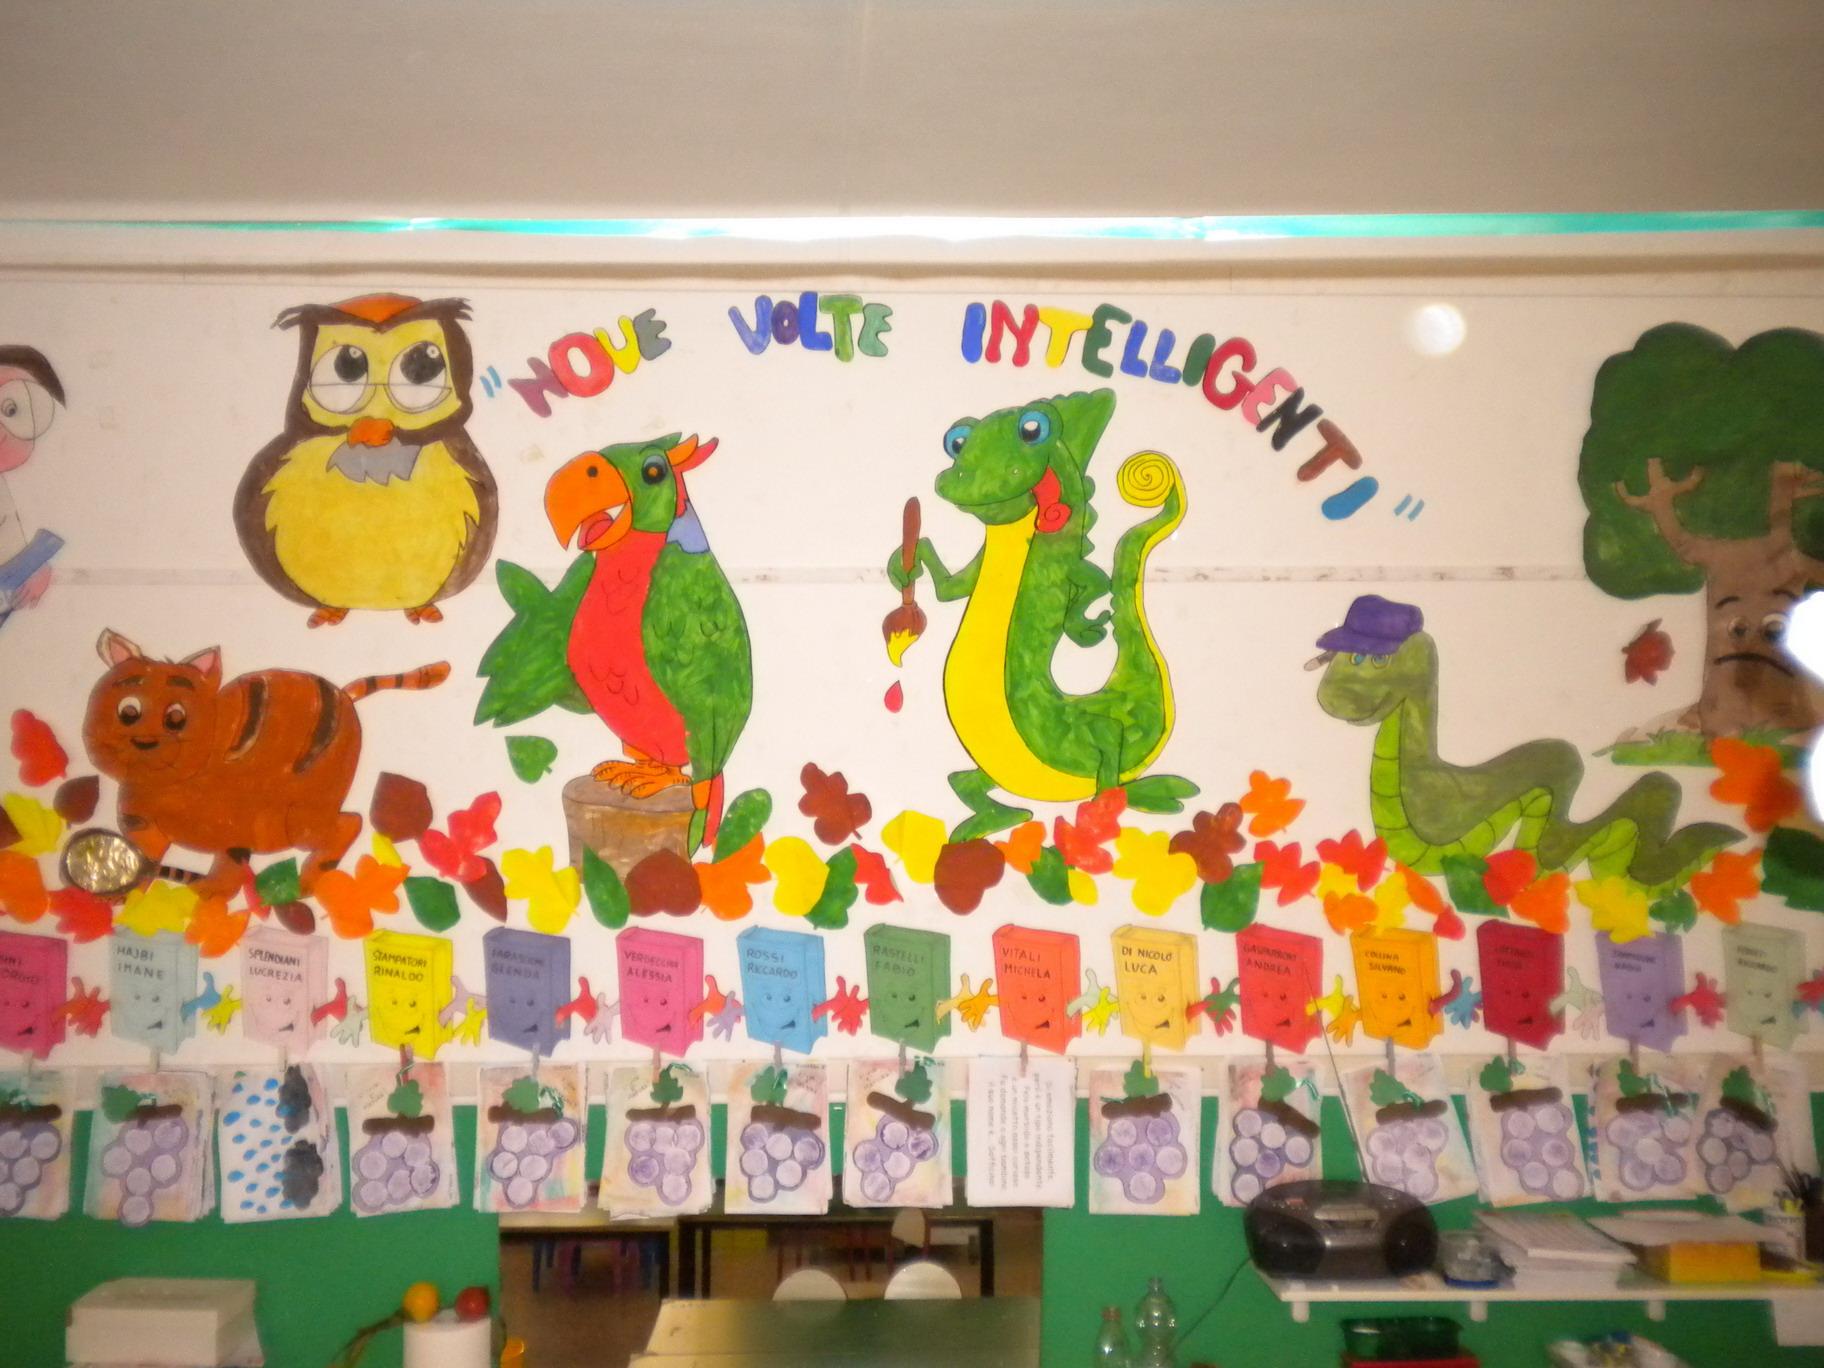 Idee accoglienza scuola infanzia vr59 regardsdefemmes for Addobbare la porta dell aula